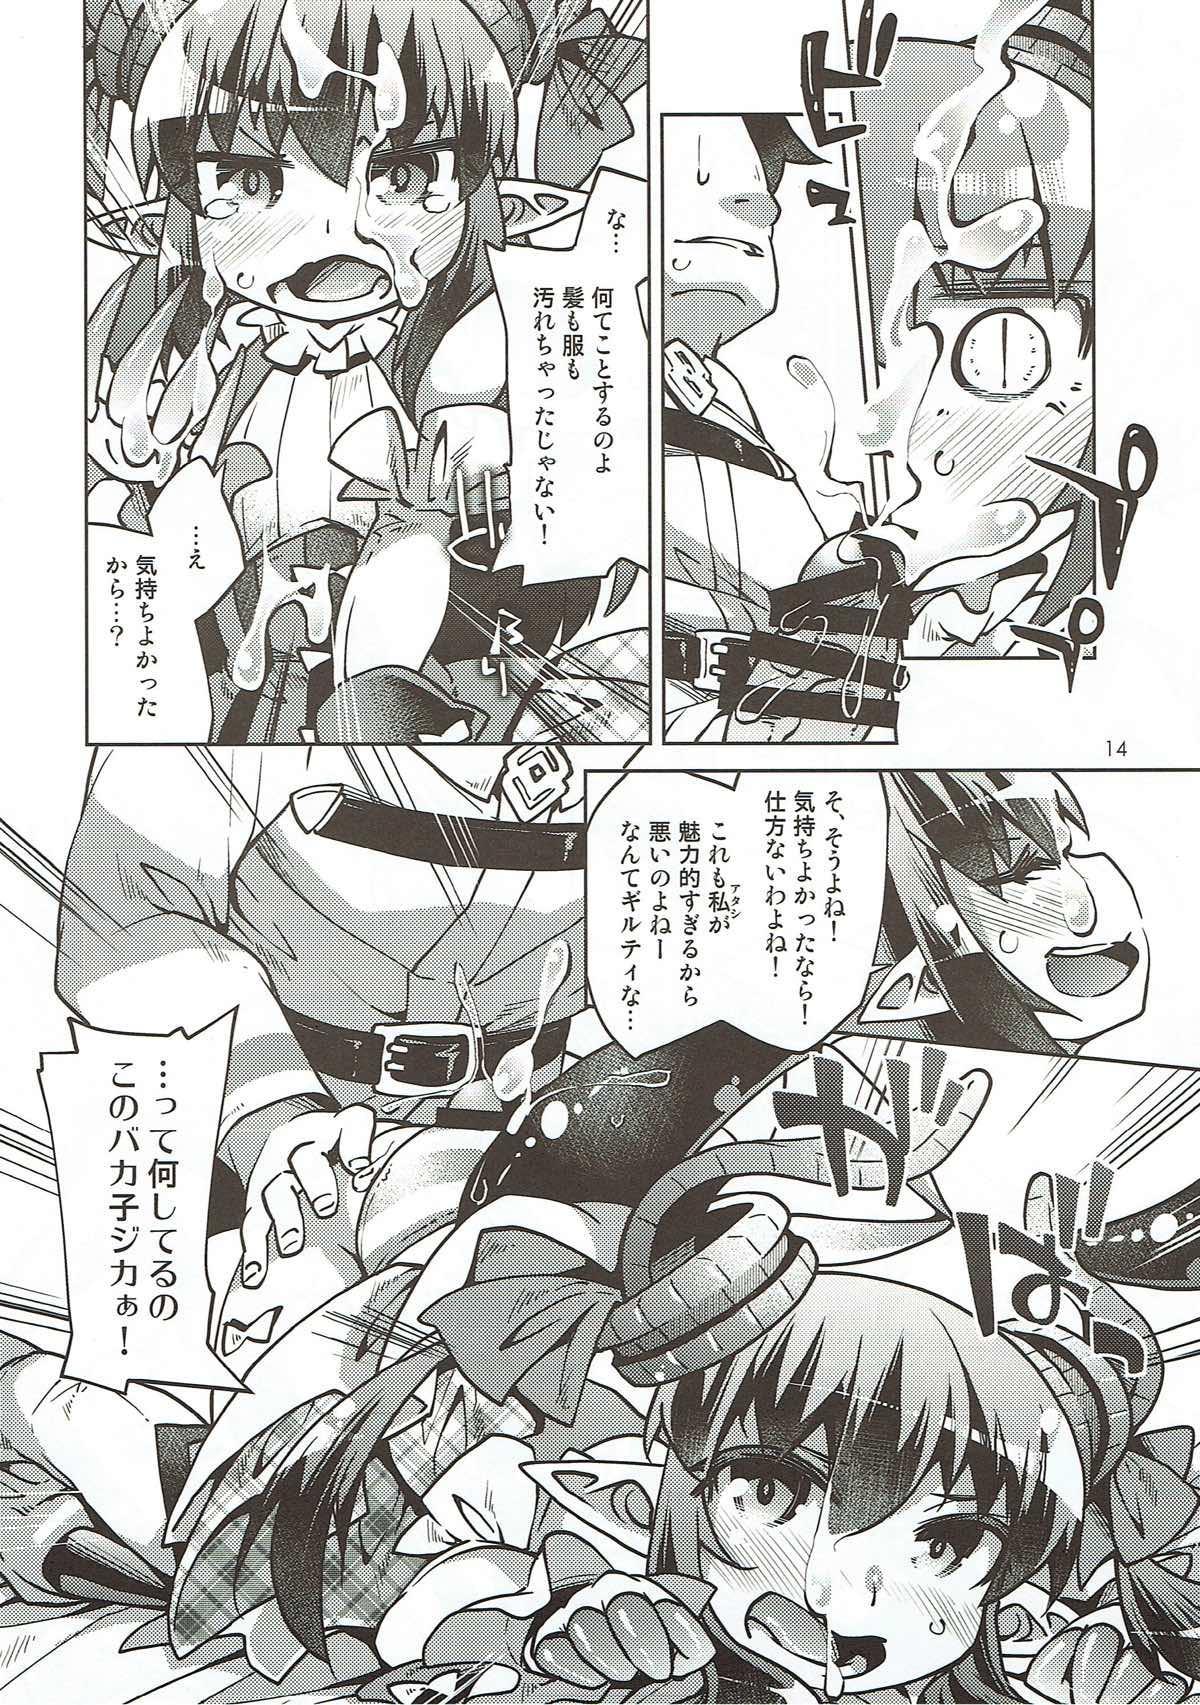 Atashi Ponkotsu SR Servant 12